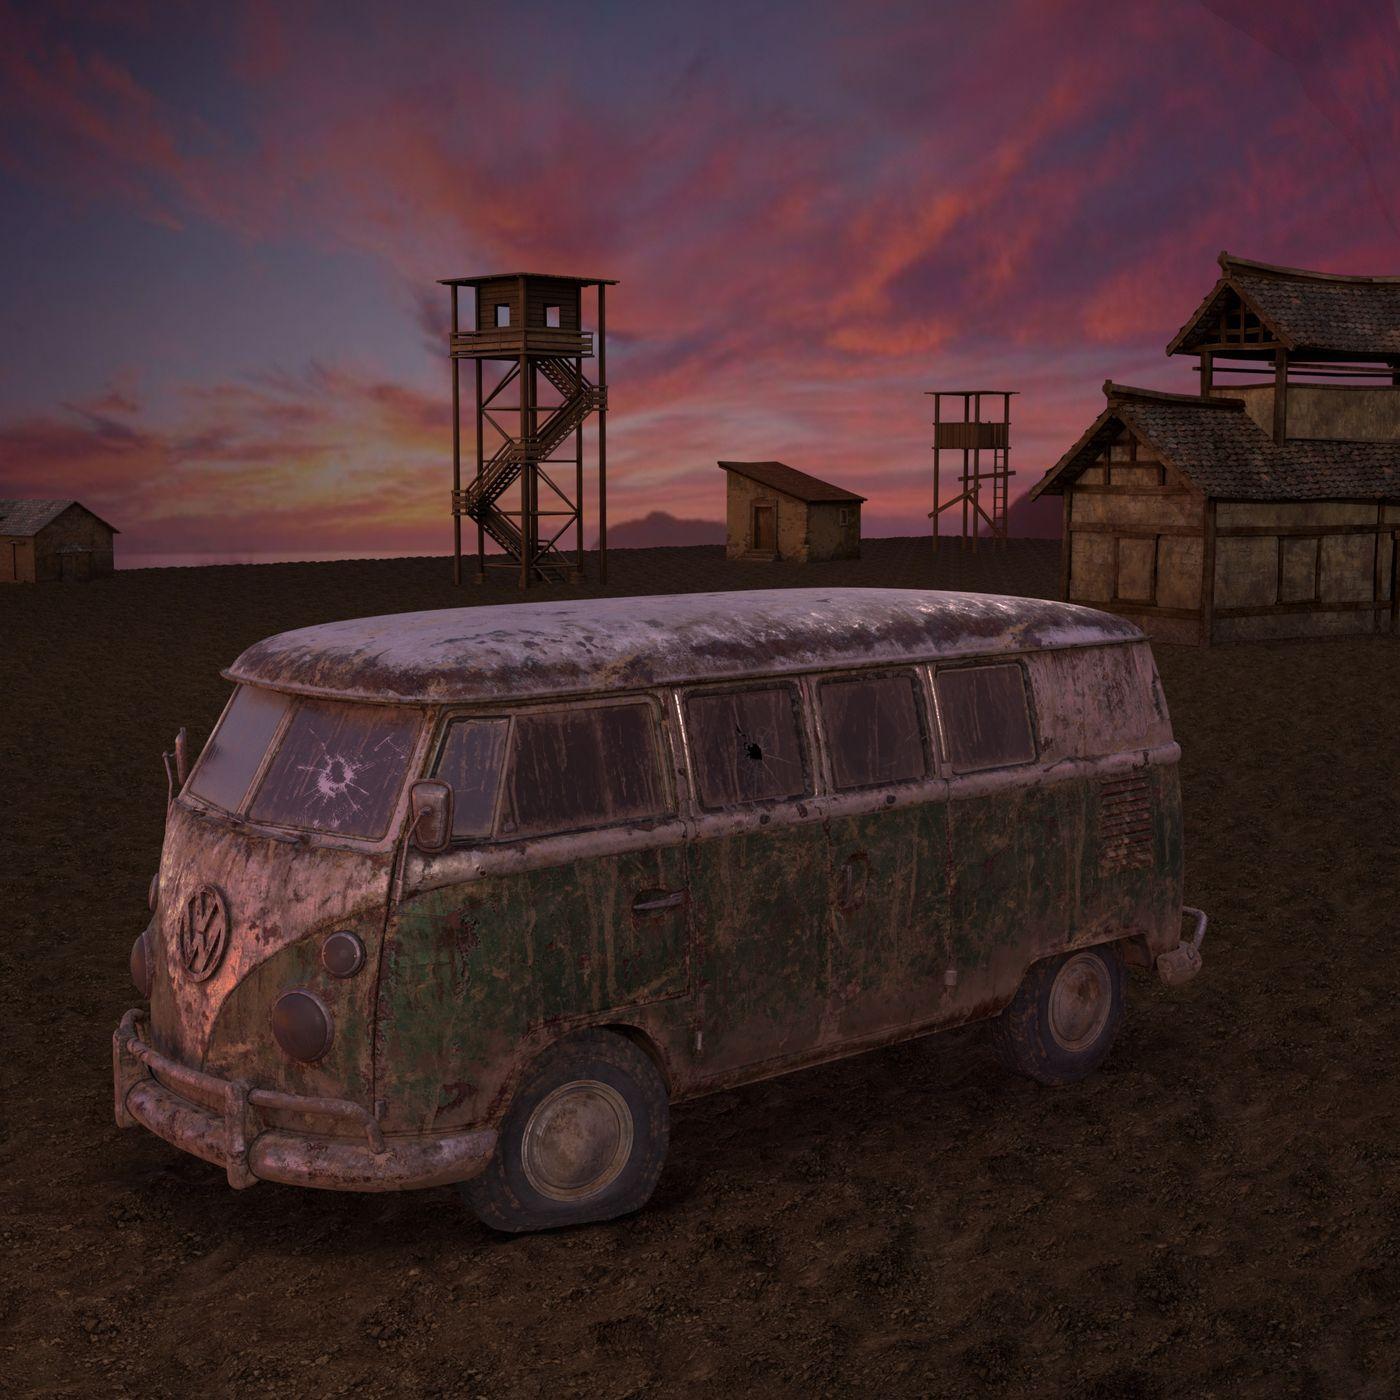 The old unused Minibus